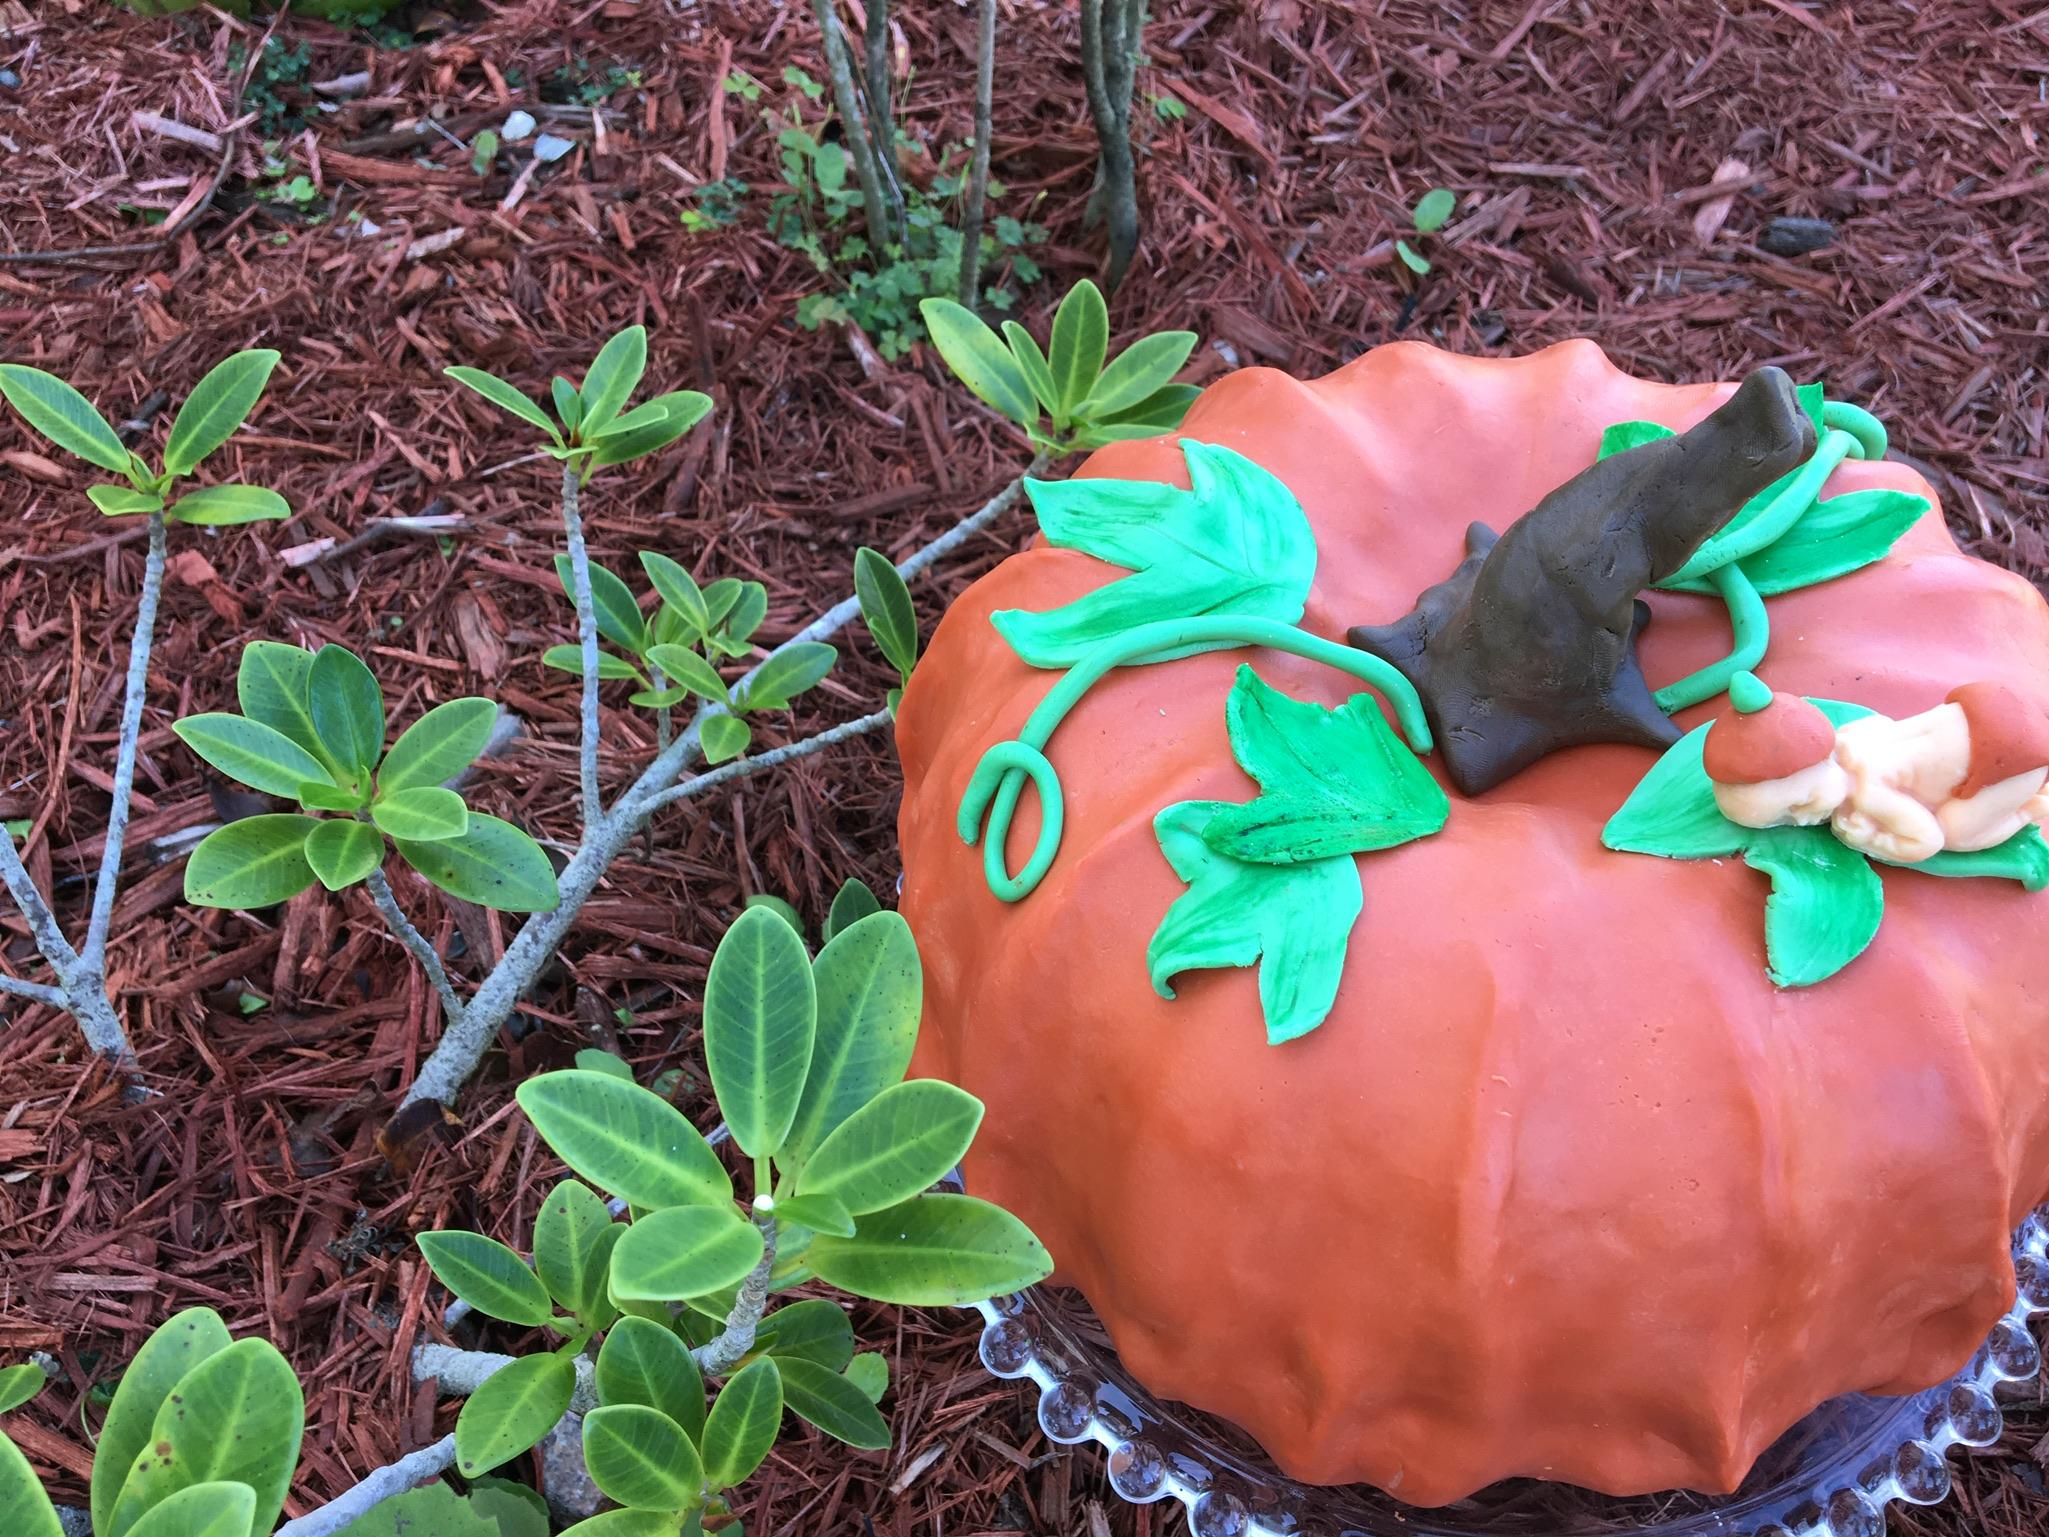 Oh look, a little pumpkin patch!